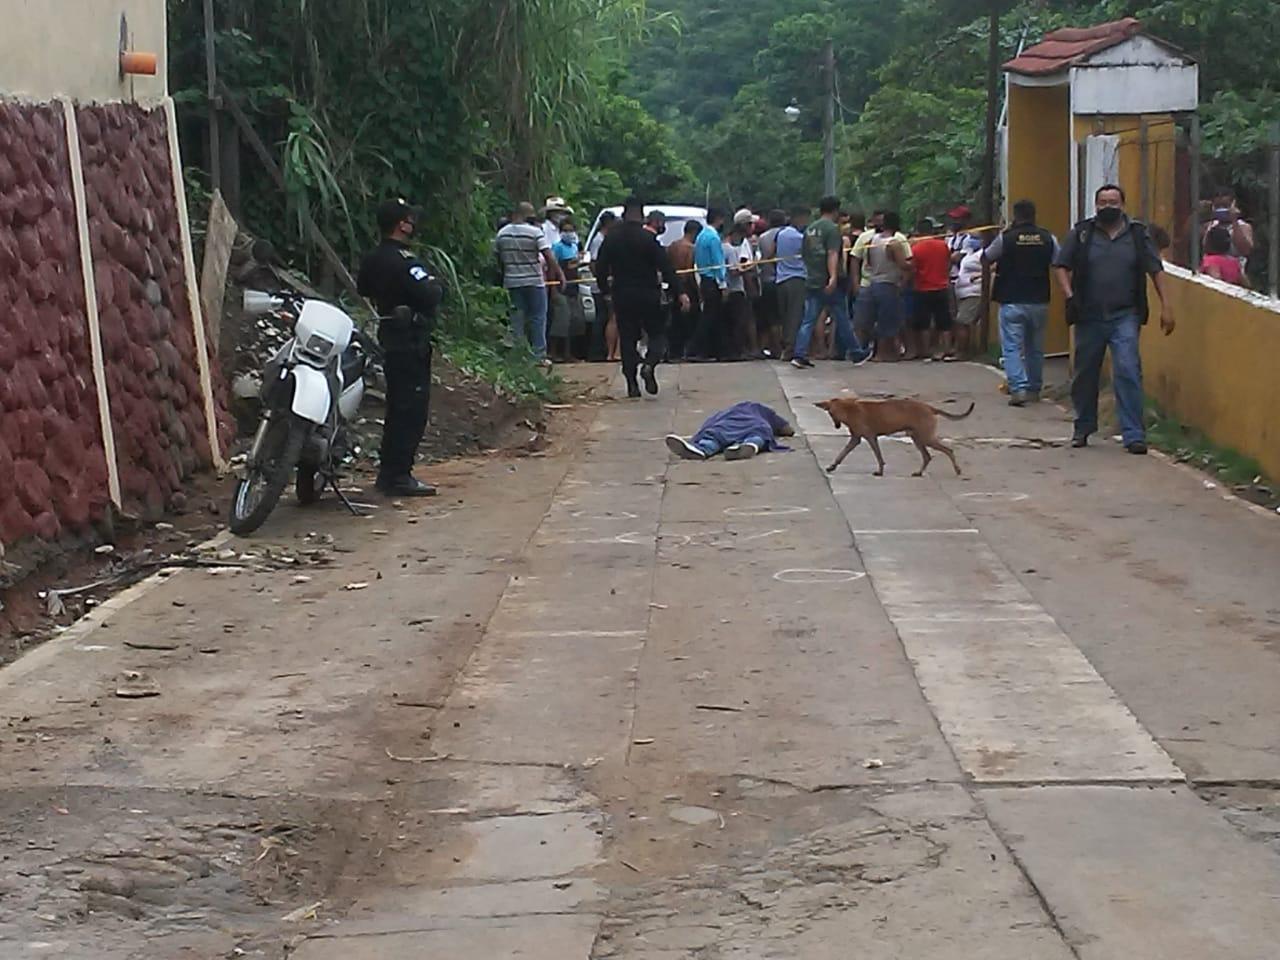 Inspector de la PCN muere y otro resulta herido tras ataque cuando realizaban investigación